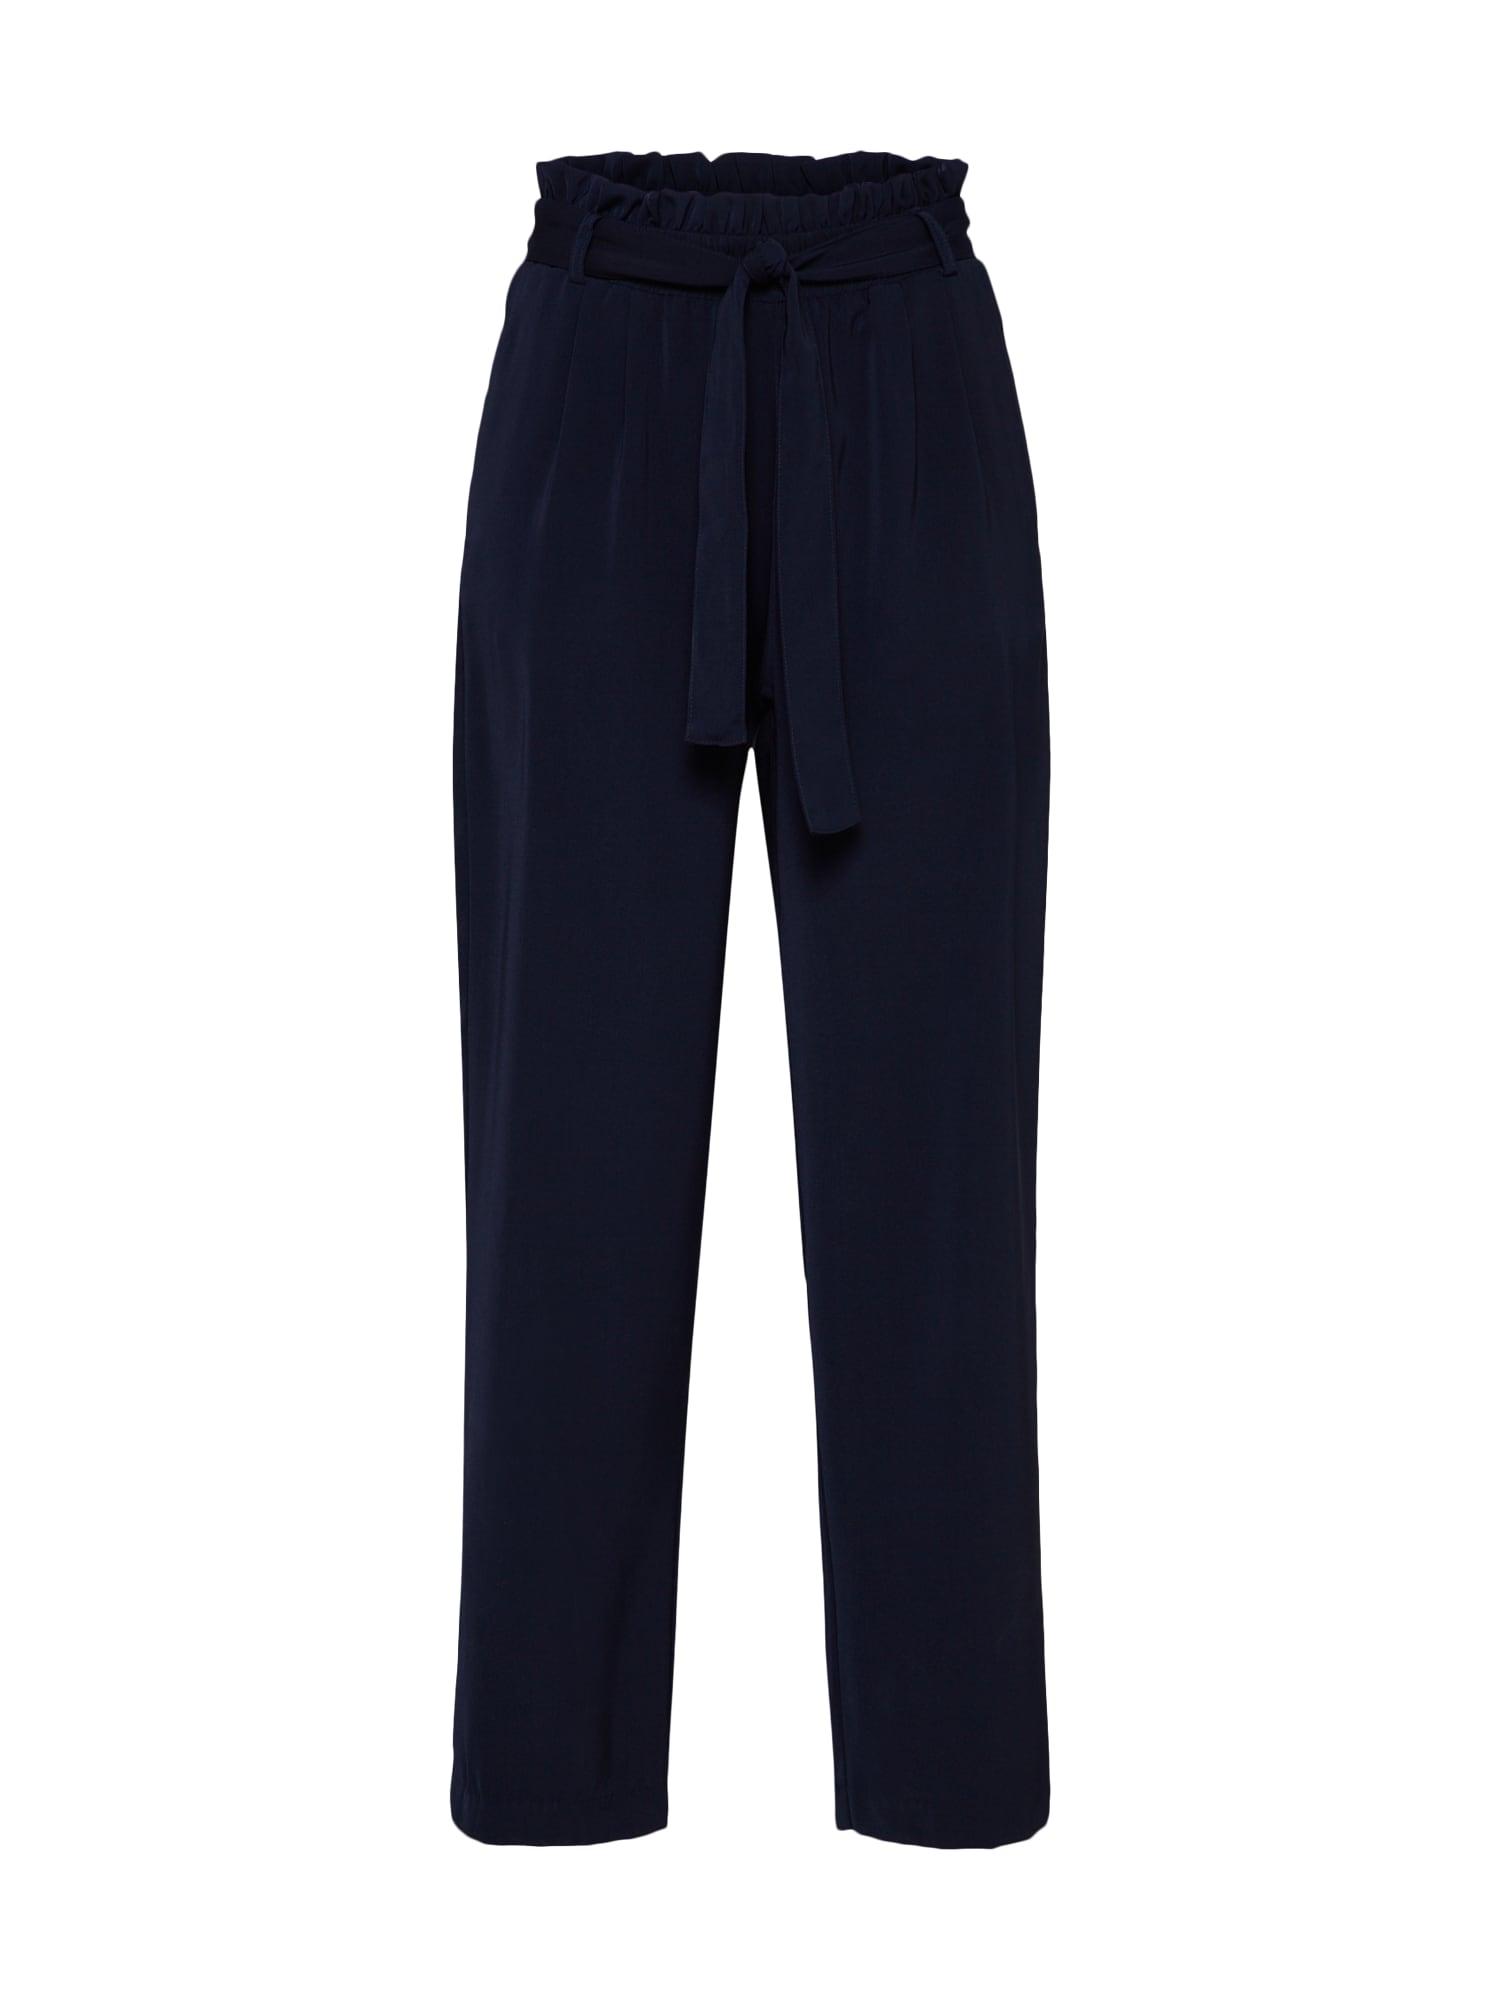 Kalhoty se sklady v pase Naila námořnická modř Sparkz